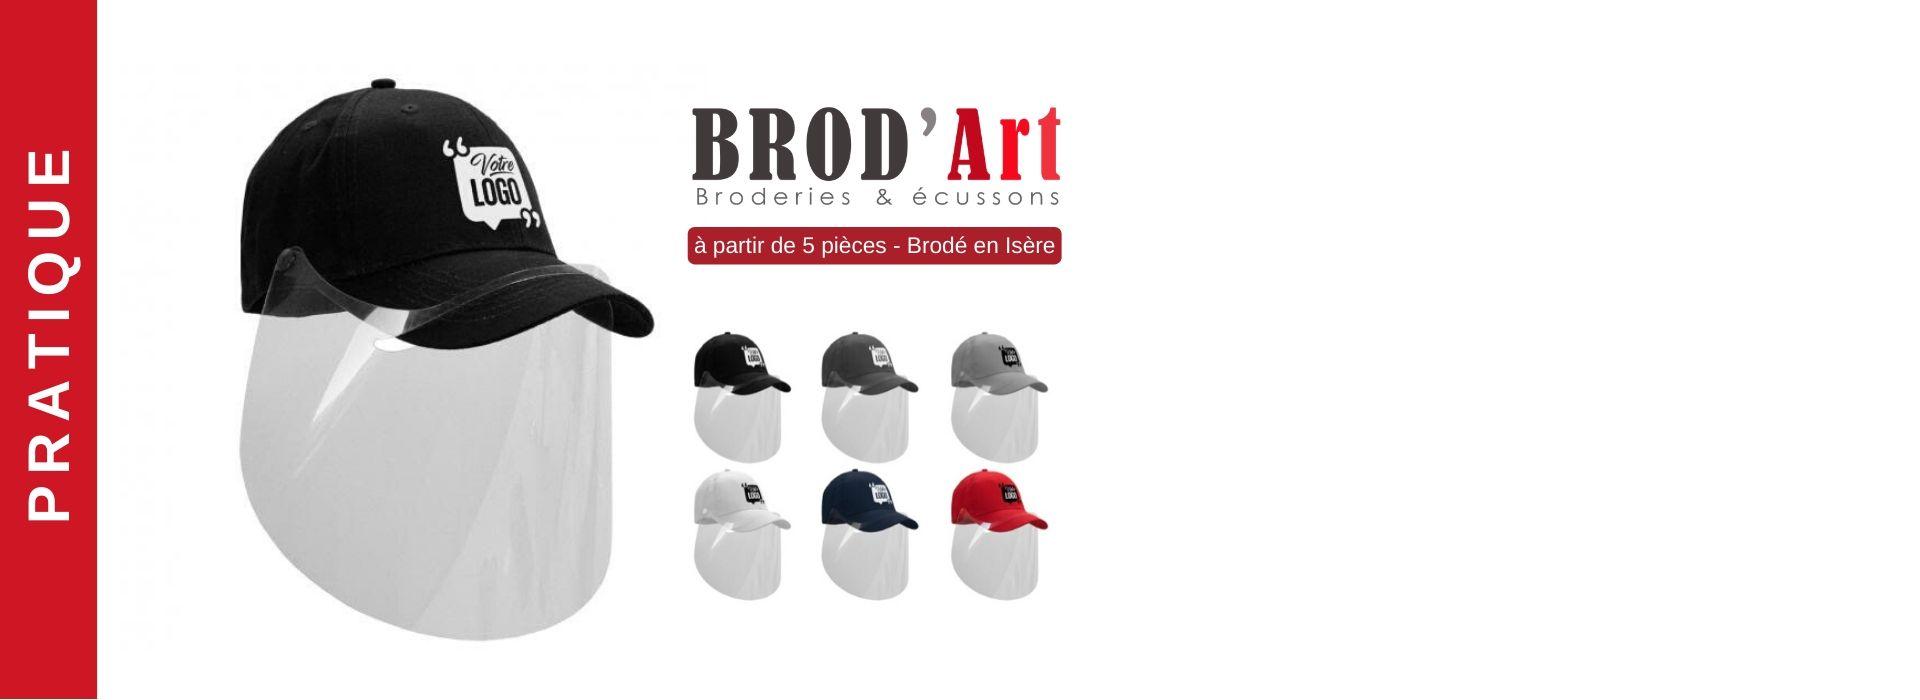 BROD Art-broderie sur mesure -broderie sur textile-casque de protection-isere-drome